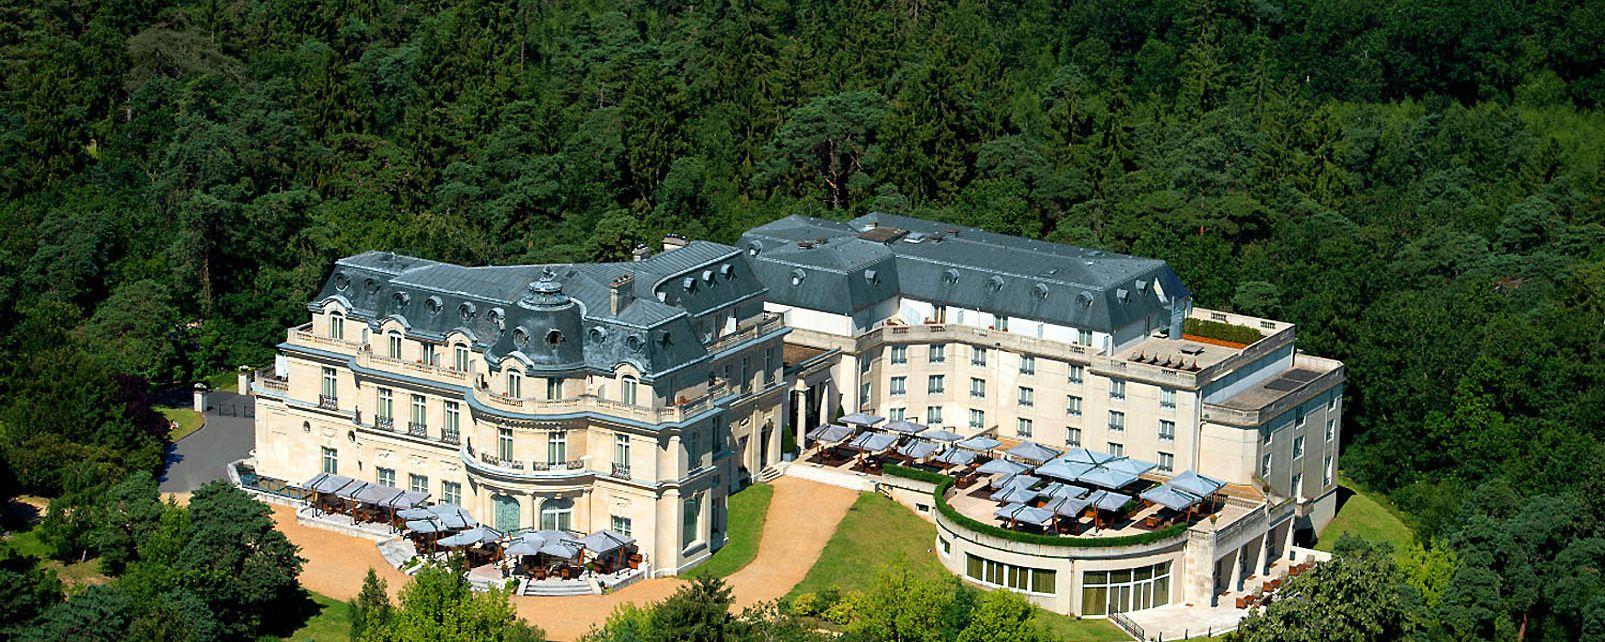 Hôtel Tiara Chateau Hotel Mont Royal